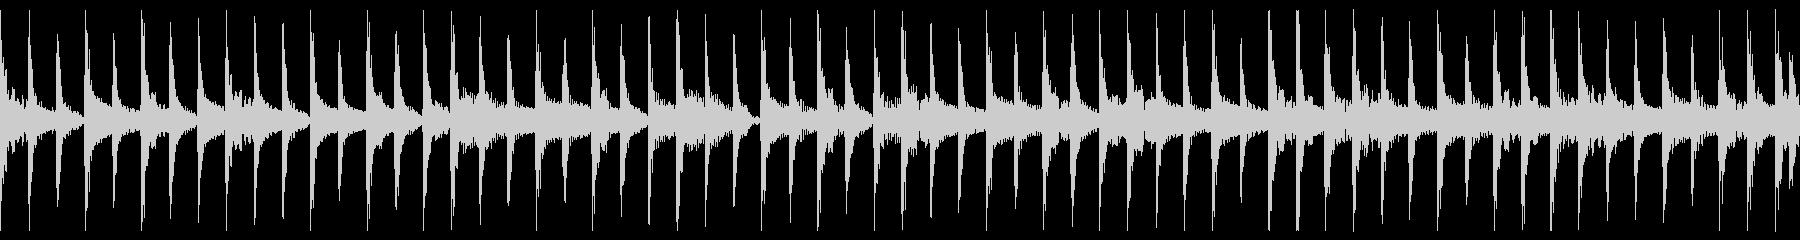 ミュートギターのループの未再生の波形